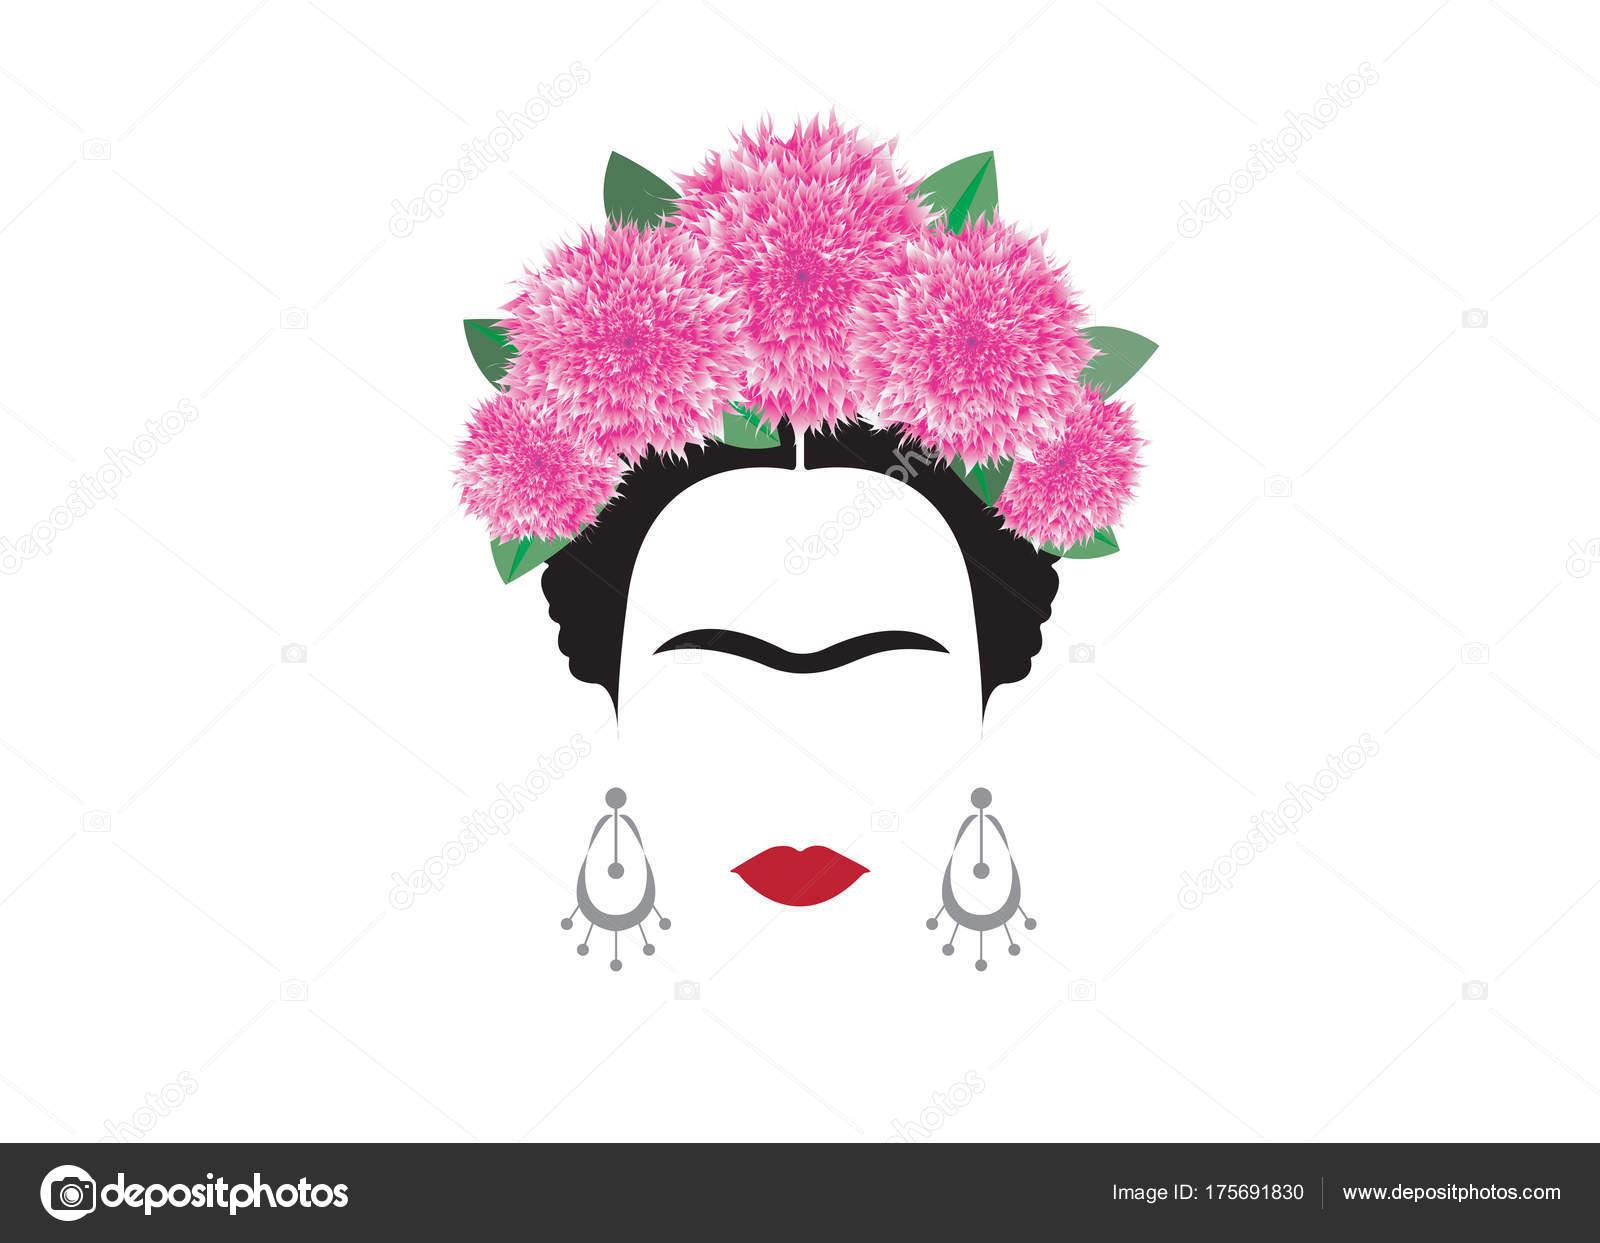 Imagenes De Frida Kahlo Para Imprimir: Retrato De Vetor De Frida Kahlo